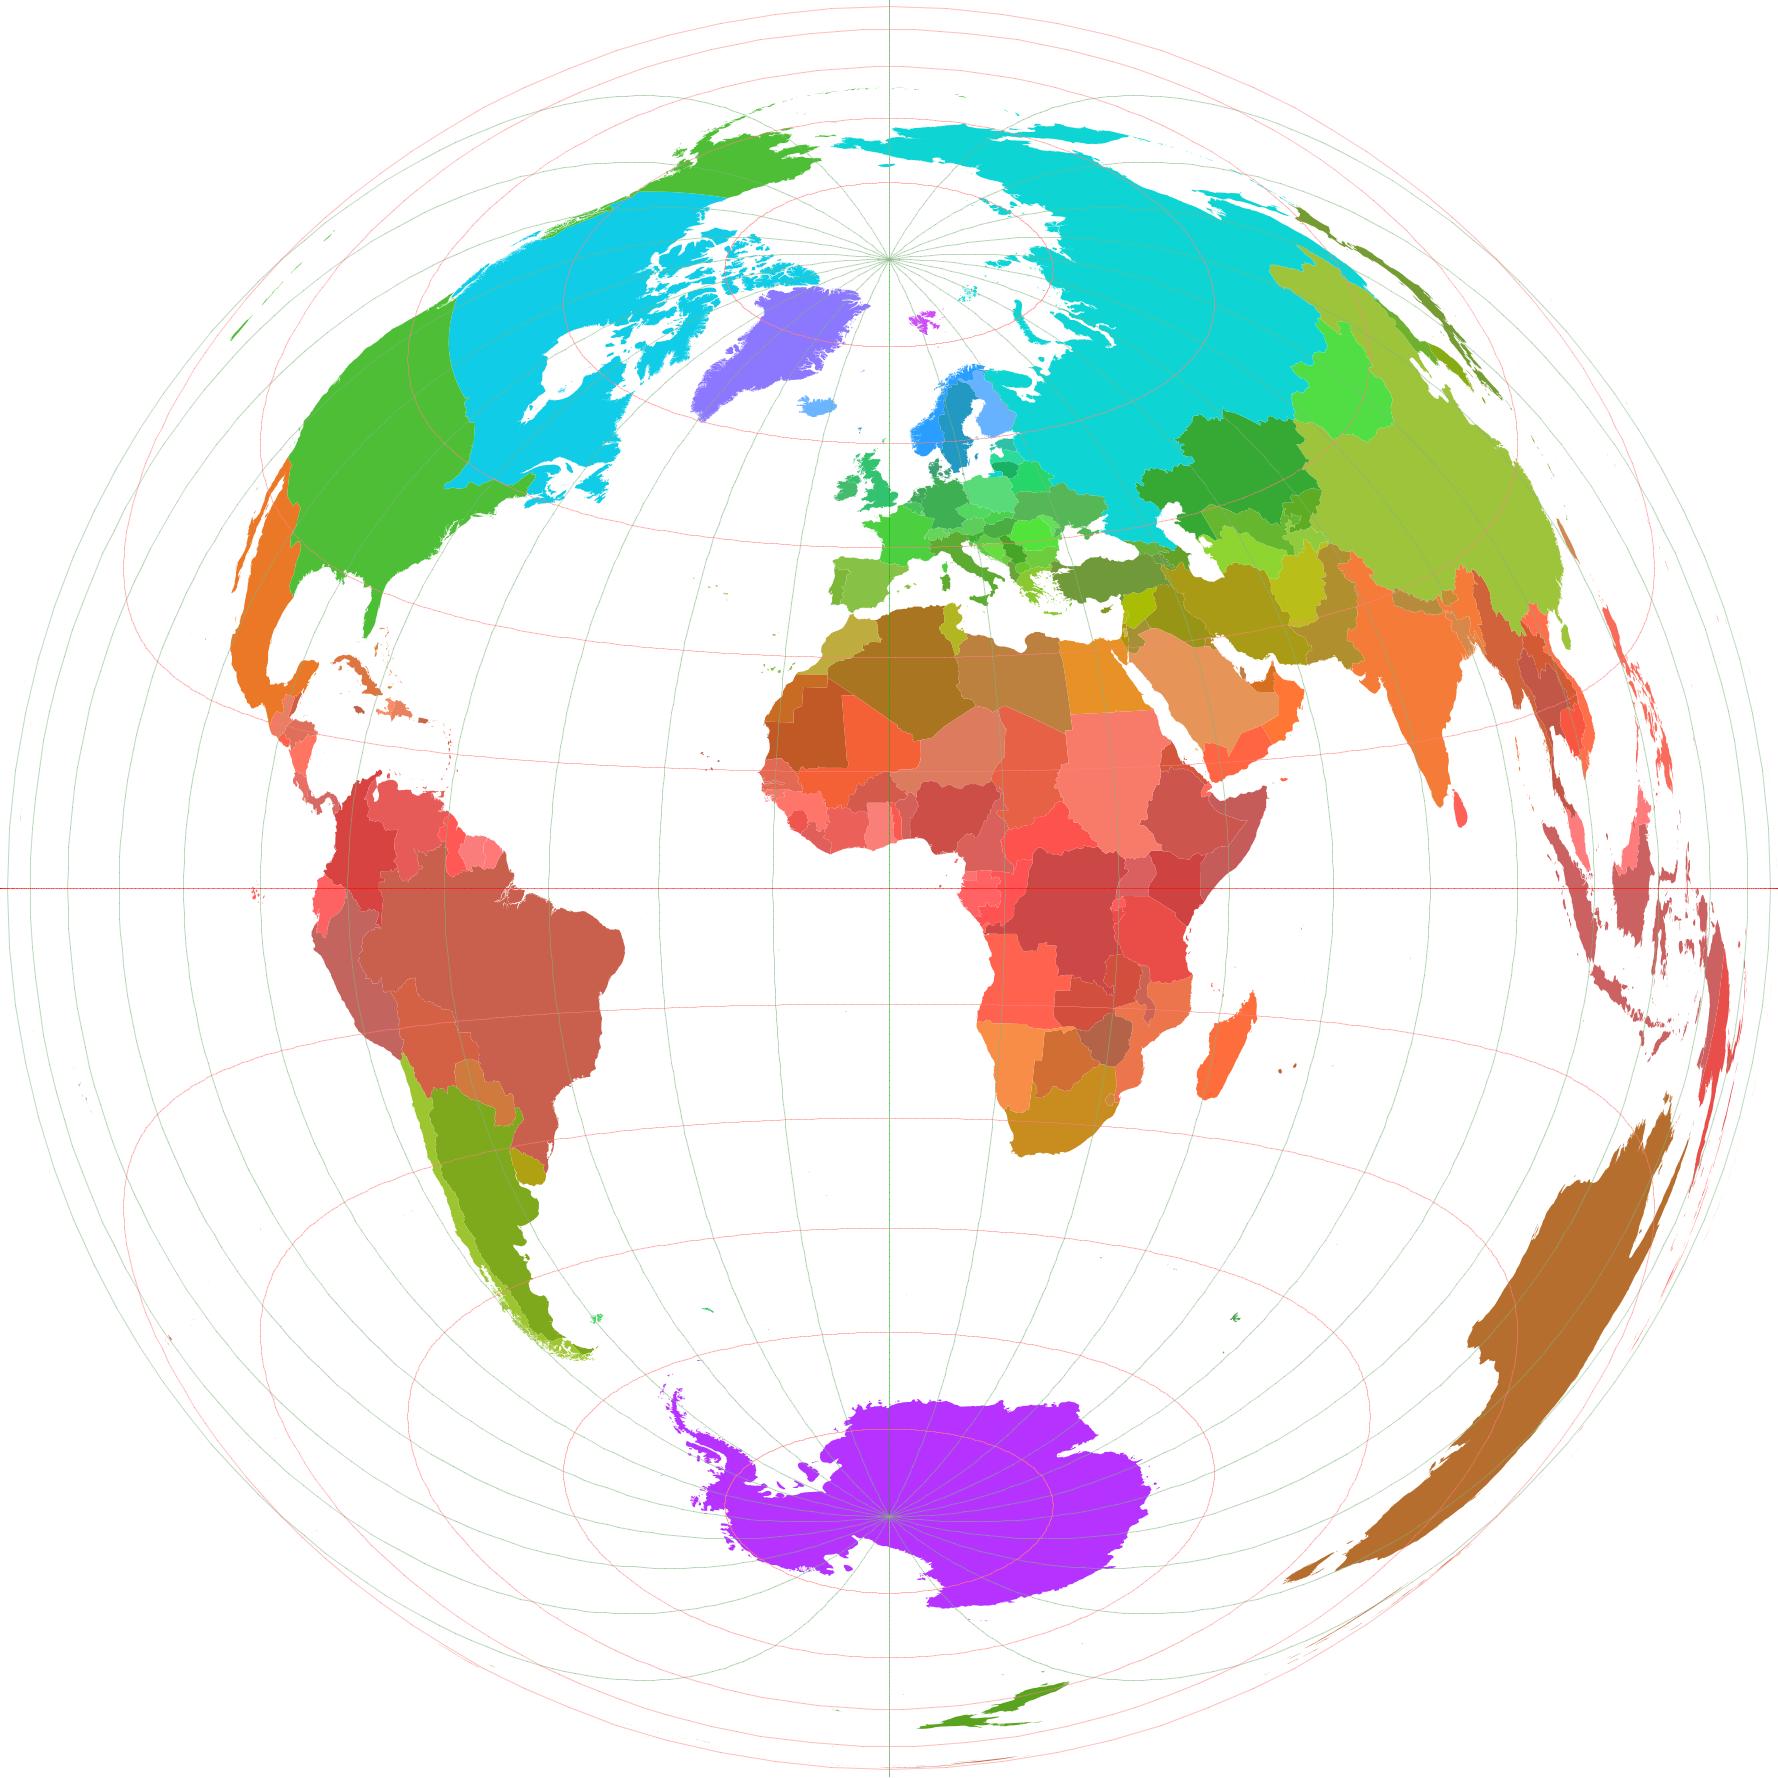 File:World borders lamb azi.png - Wikimedia Commons